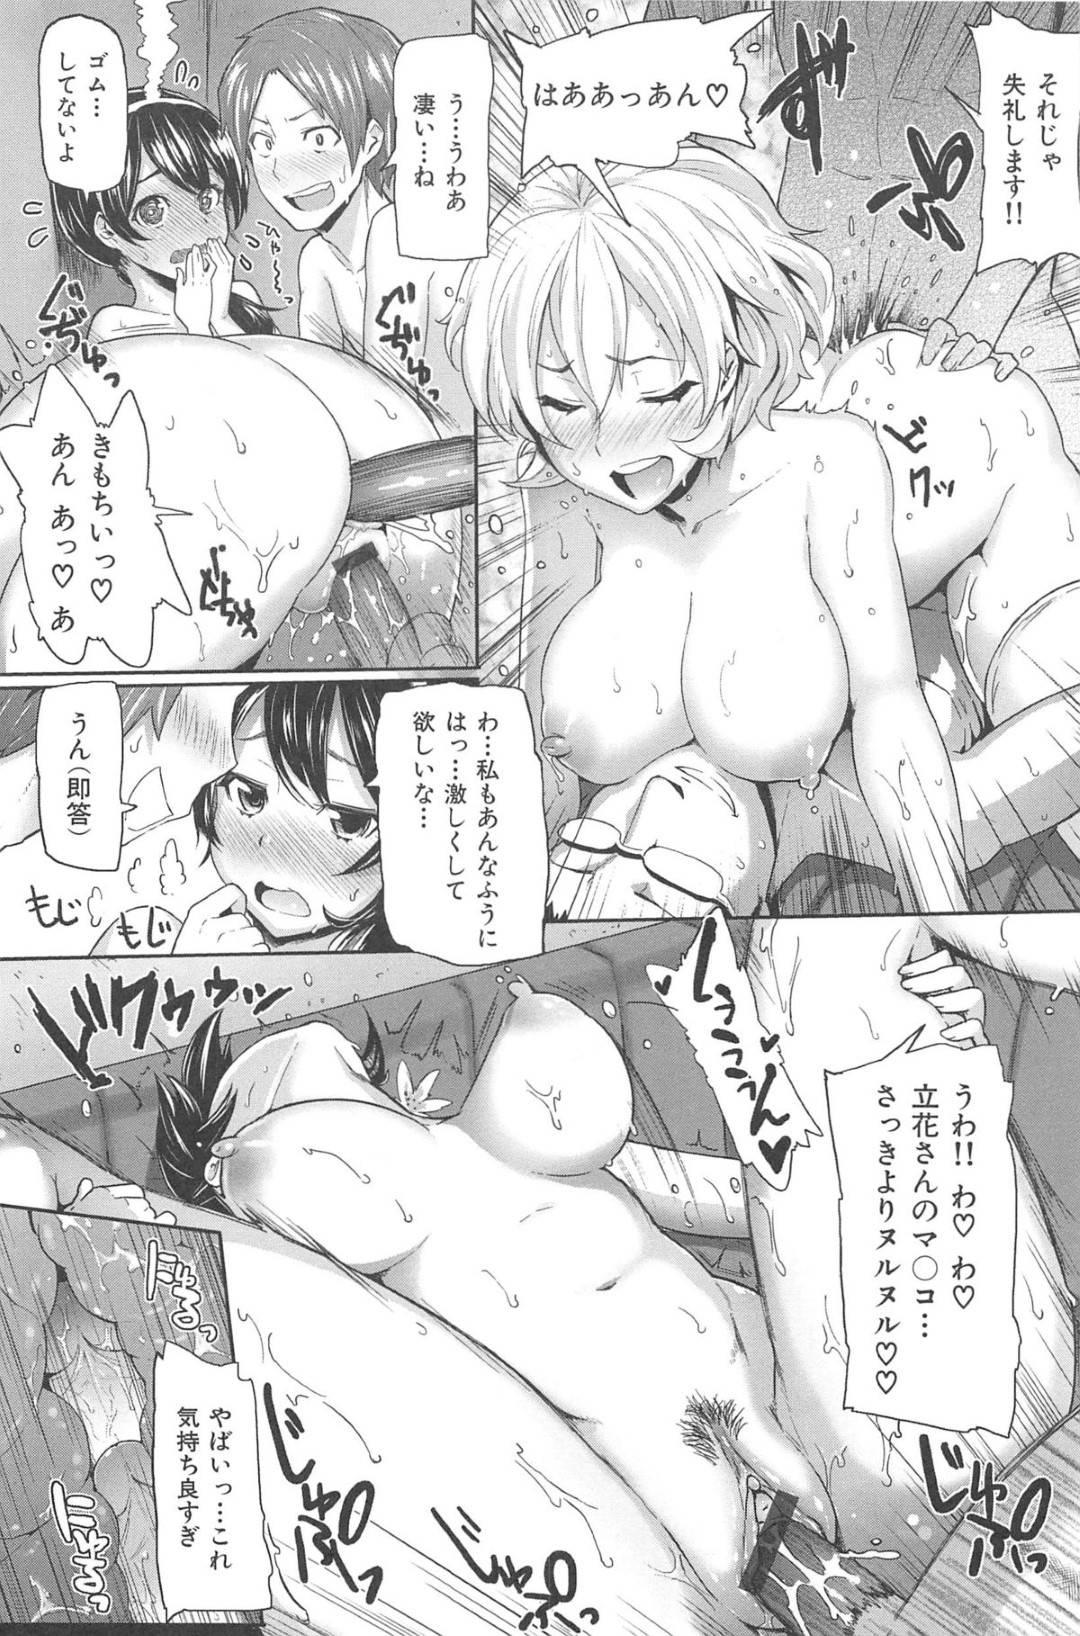 【エロ漫画】カラオケでサークルメンバーとエッチな事をする淫乱JD…エスカレートした彼女は膣とアナルに二穴挿入させたりと乱交セックスする!